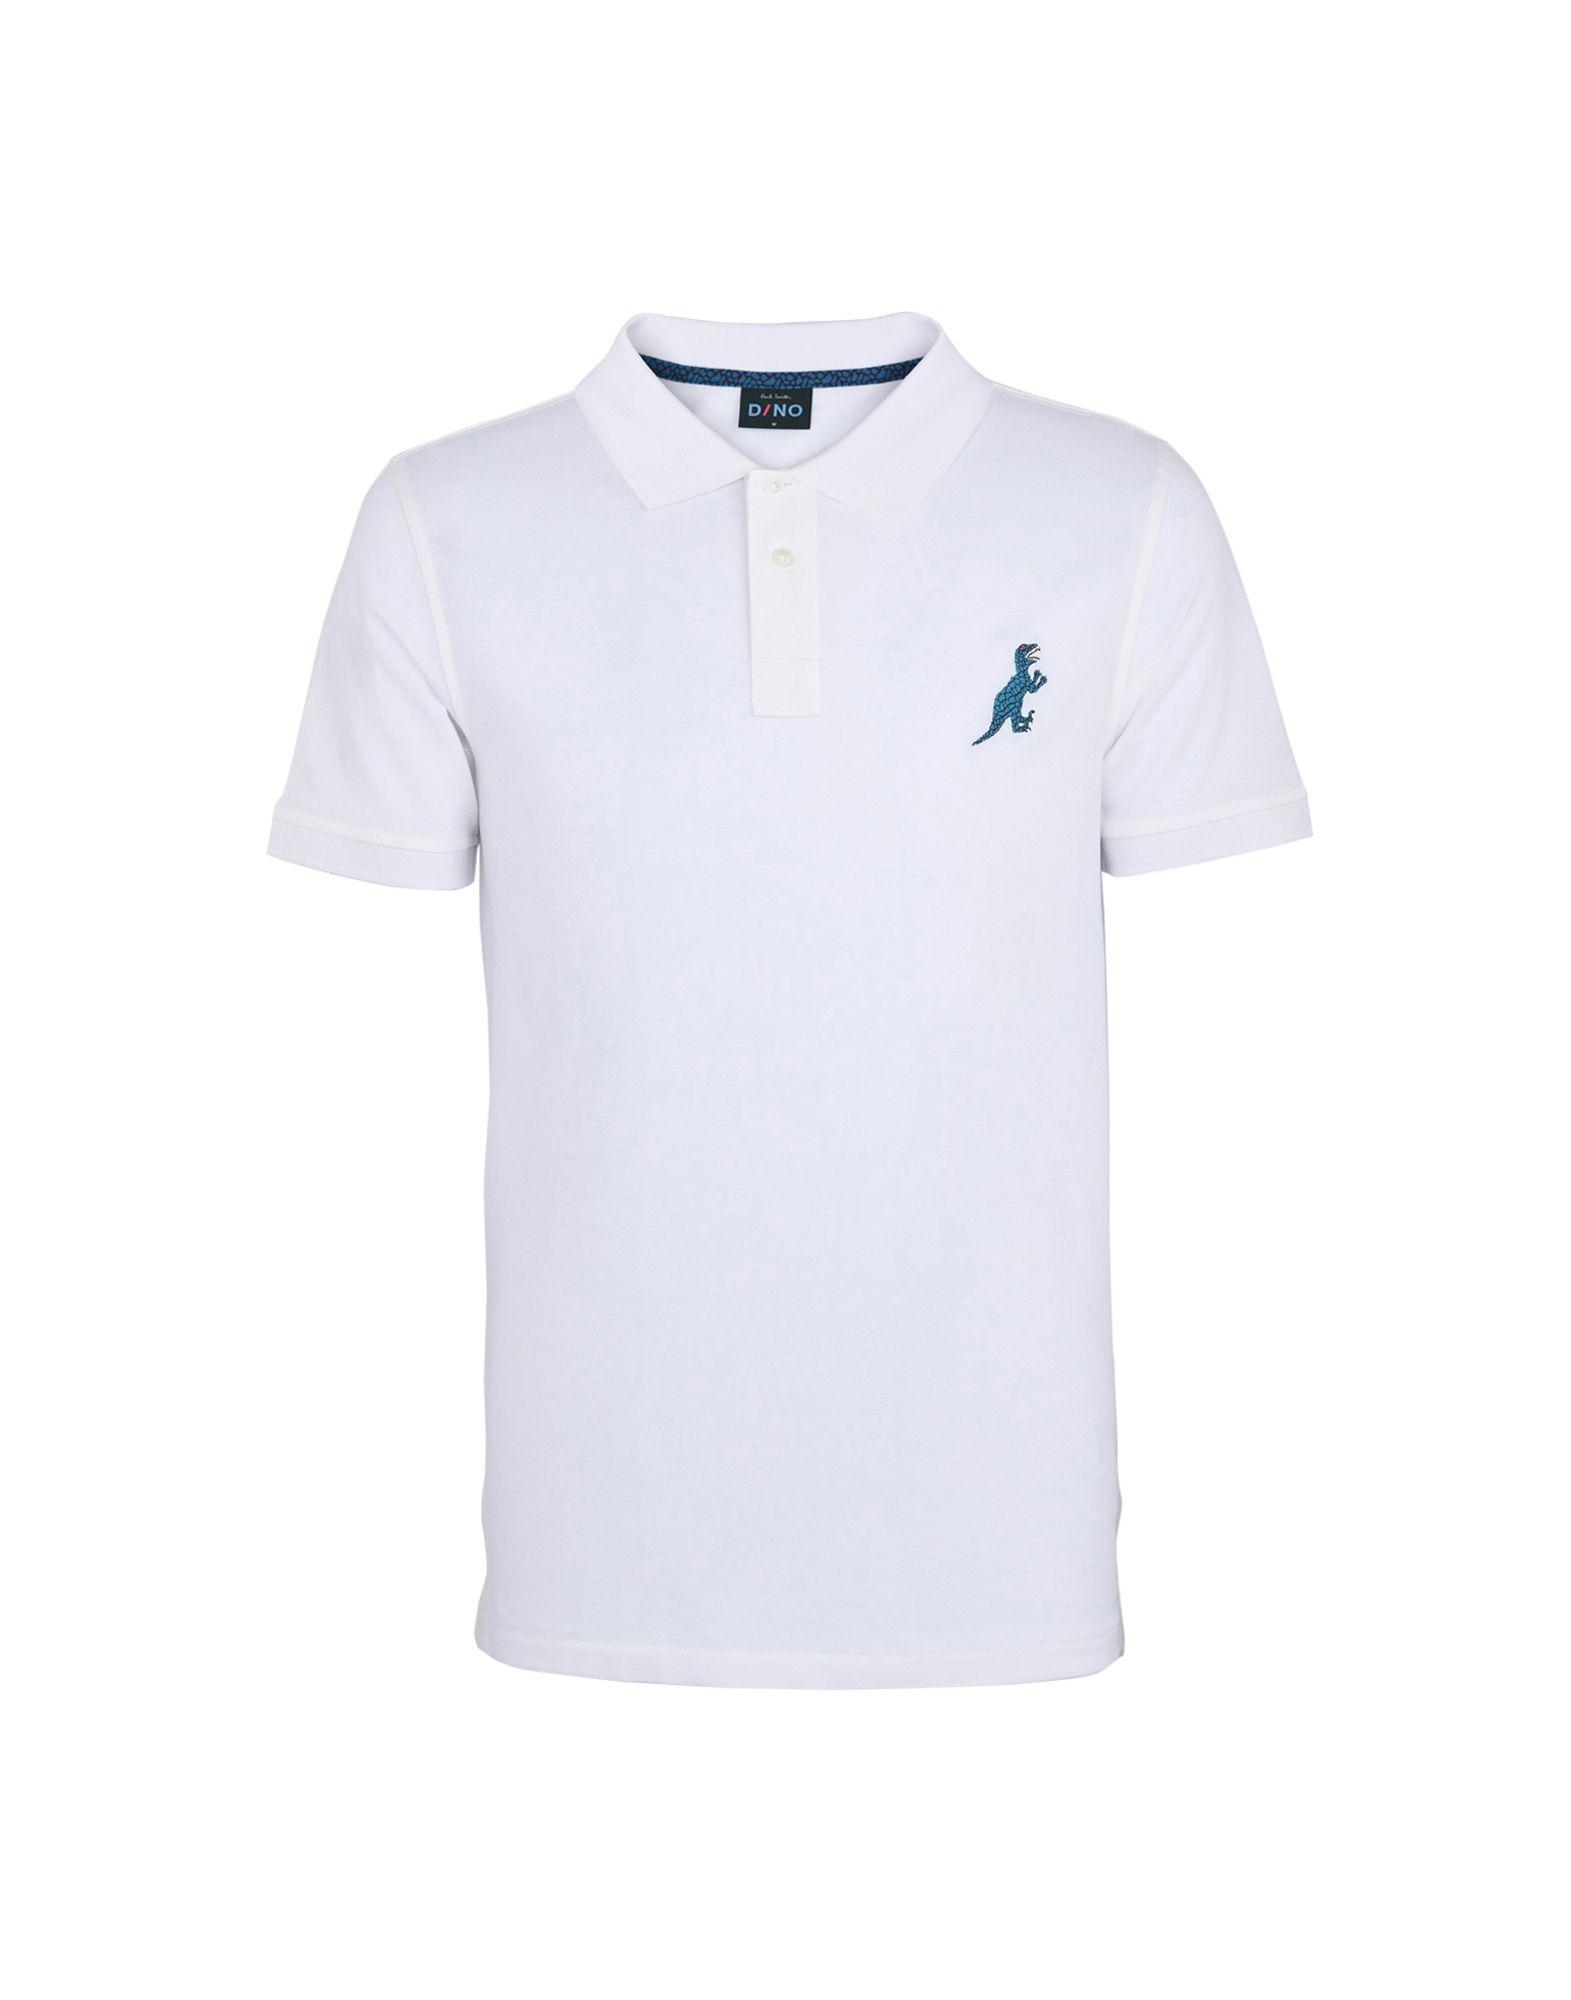 《送料無料》PS PAUL SMITH メンズ ポロシャツ ホワイト XL コットン 100% MENS SS SLIM FIT POLO SHIRT